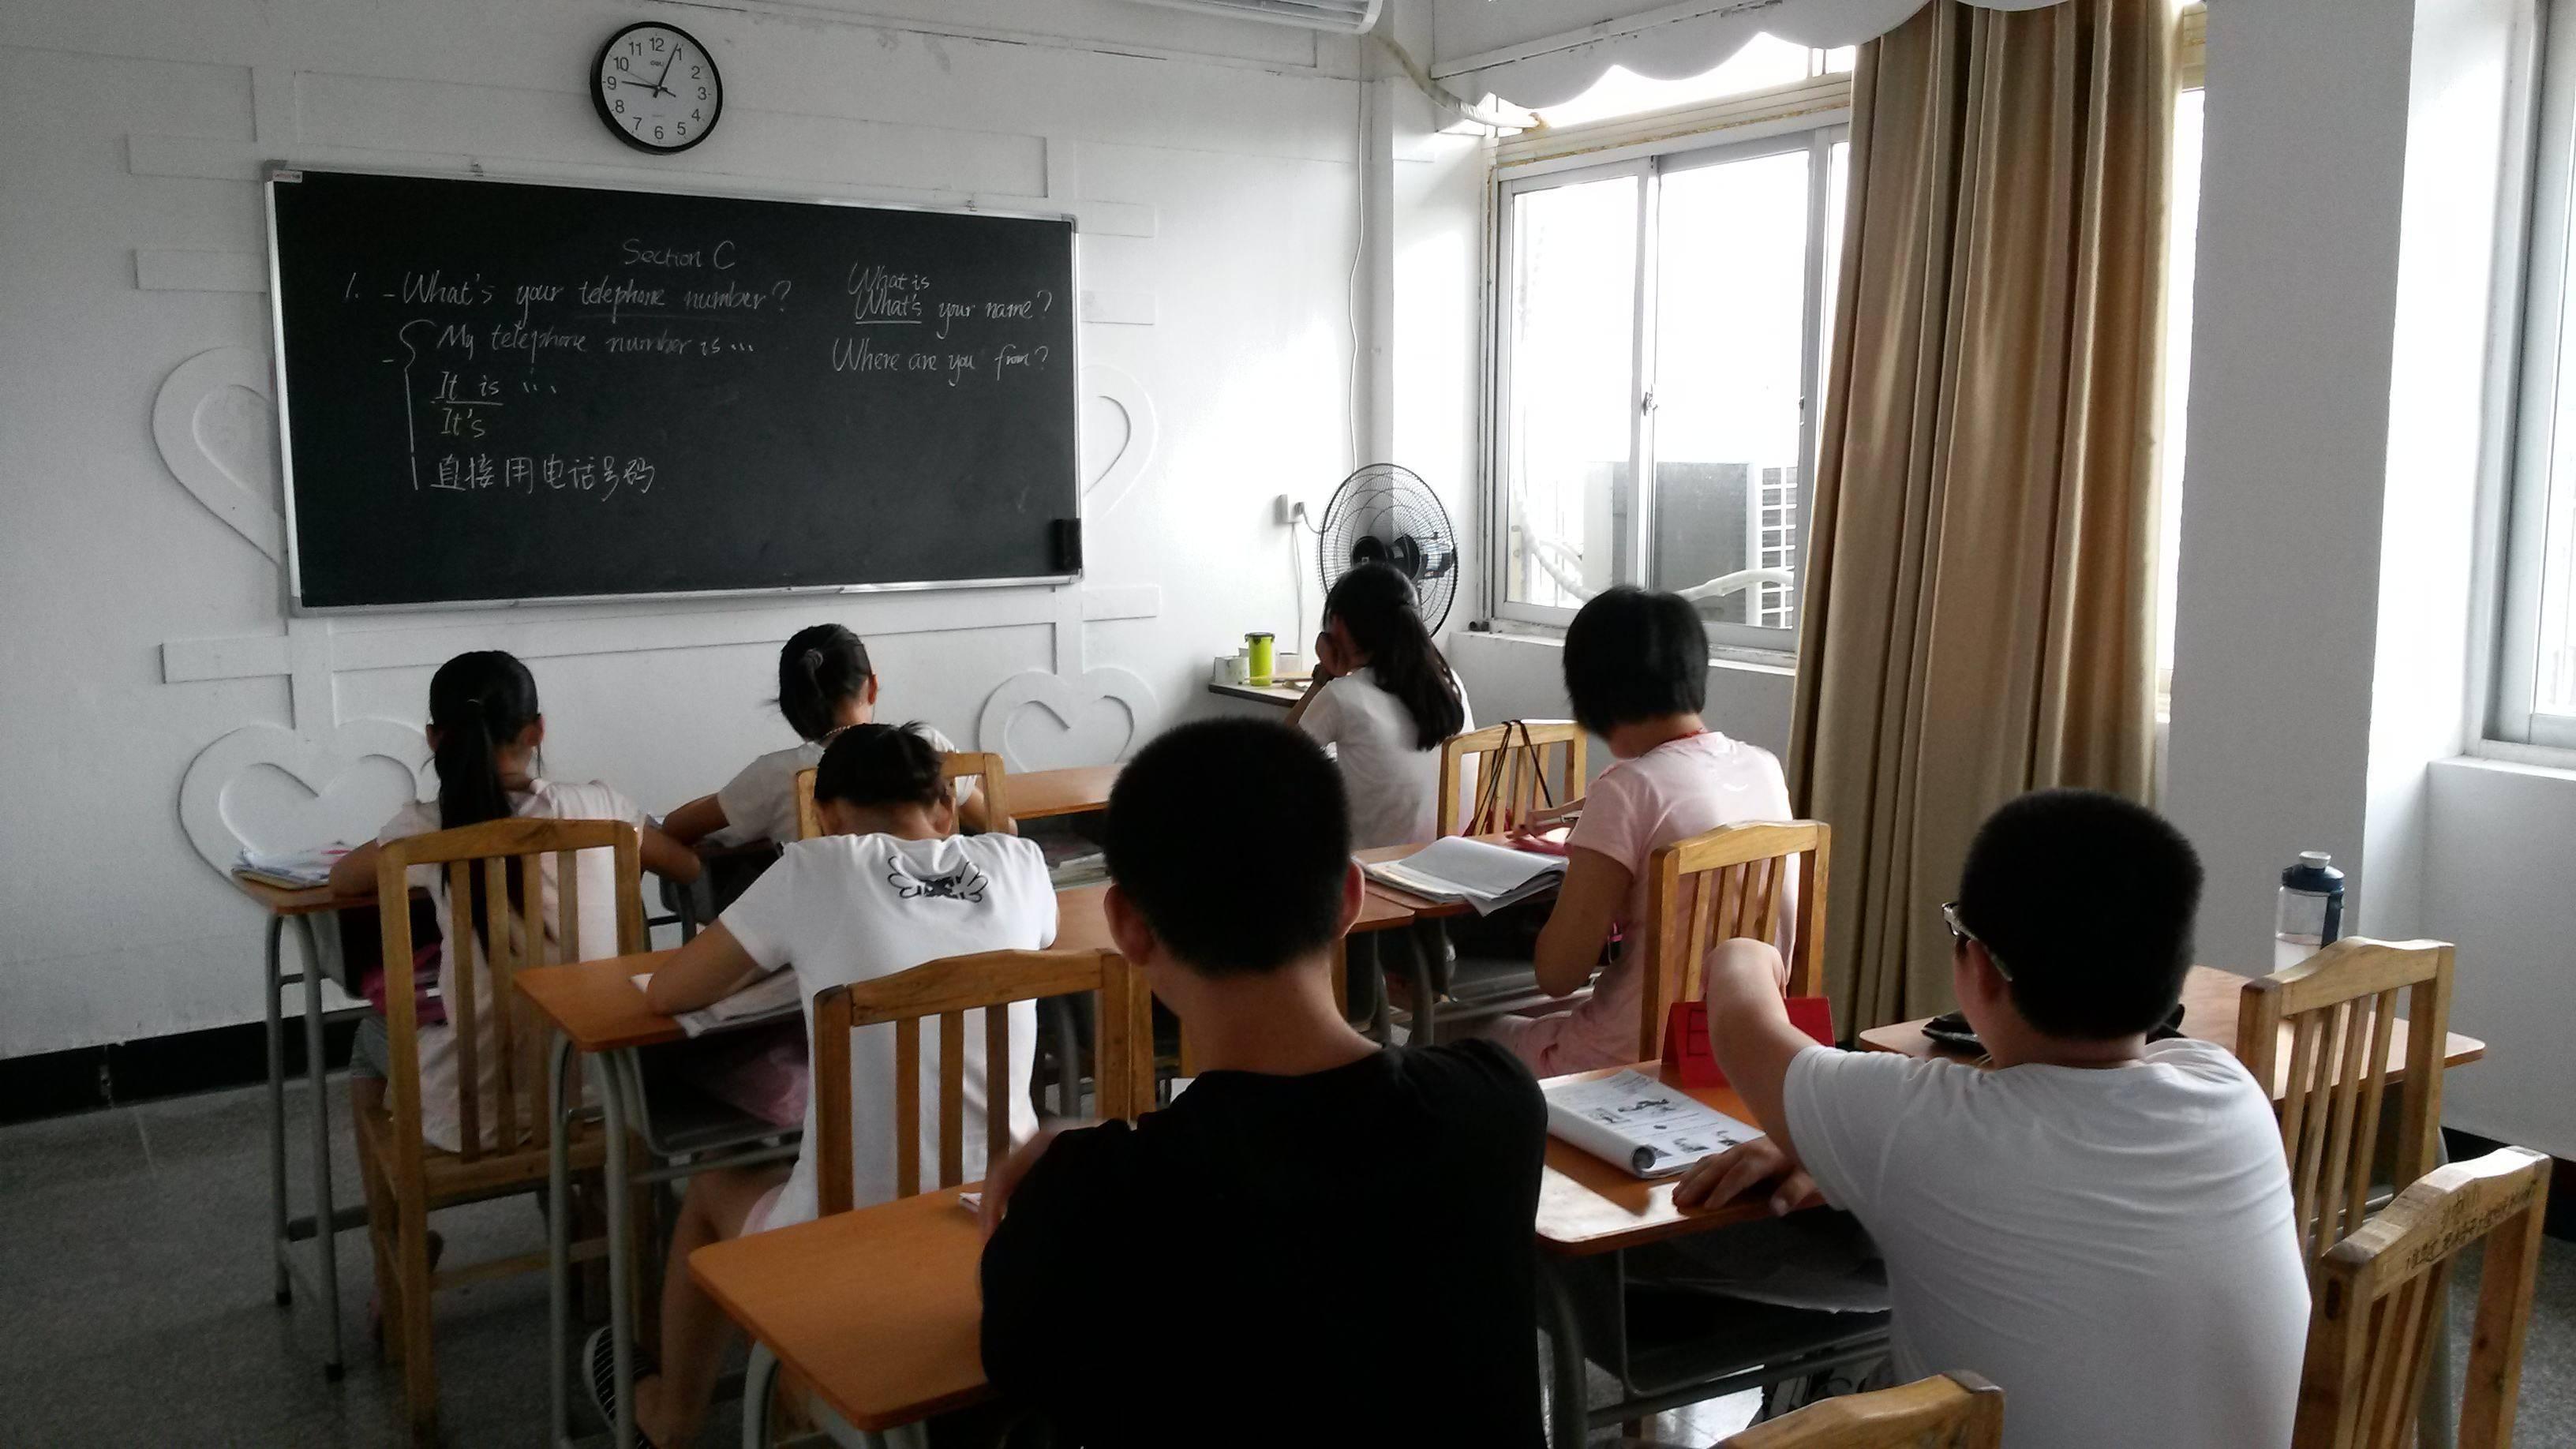 扬州高度数学培训机构怎么样 好不好 扬州高度数学地址